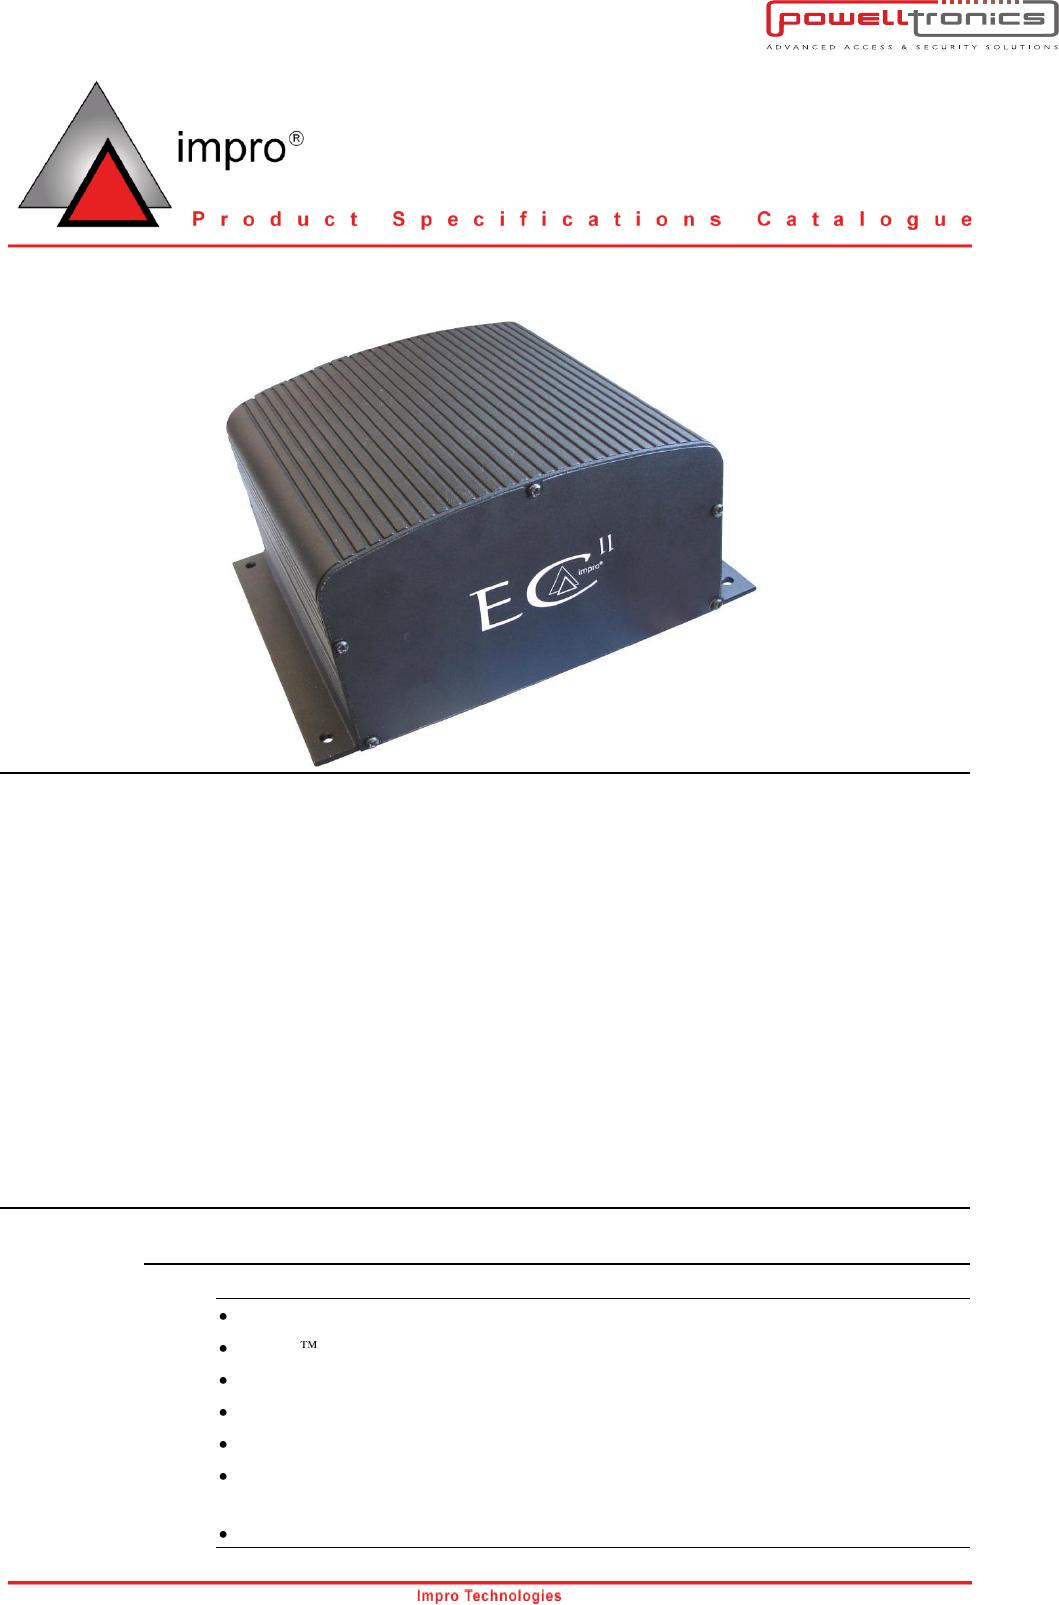 ImproX (ECII) Ethernet Controller Impro_ixp400i Impro Ixp400iUserManual.wiki